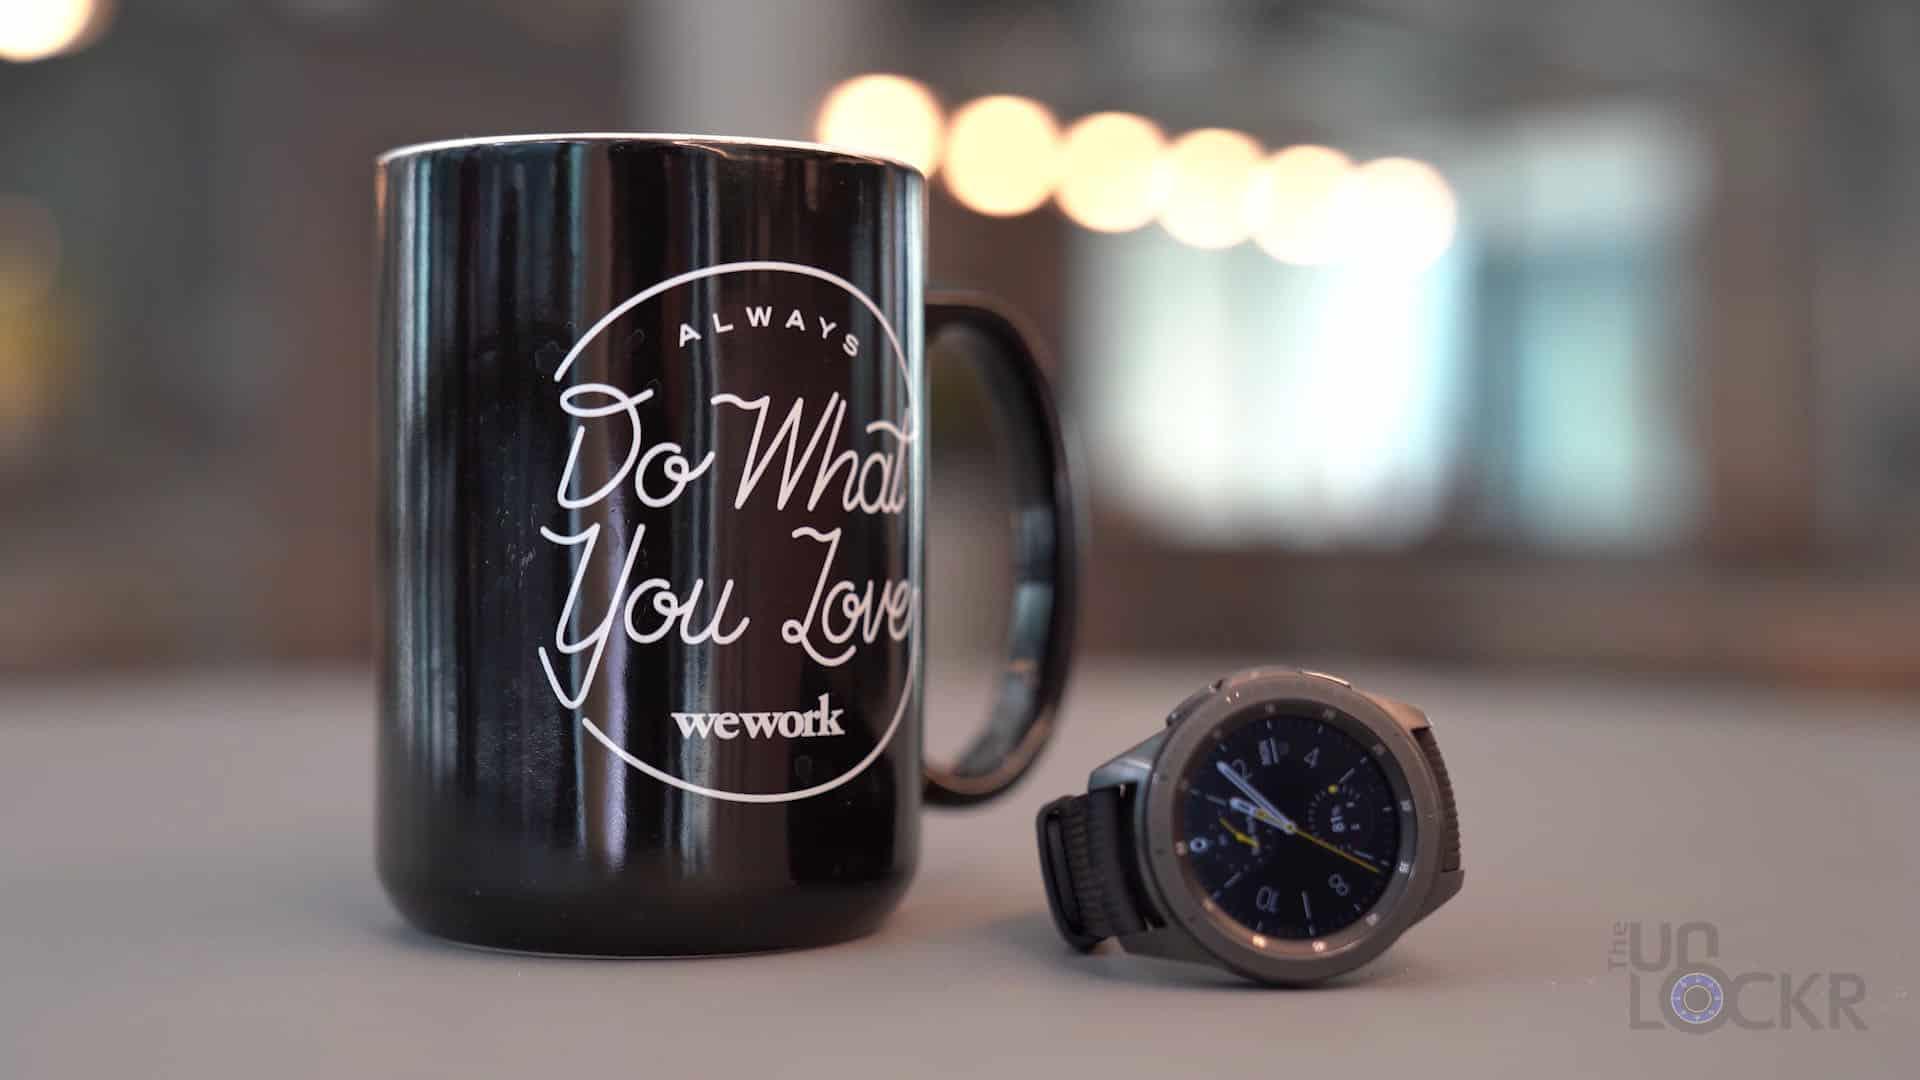 Galaxy Watch with Mug